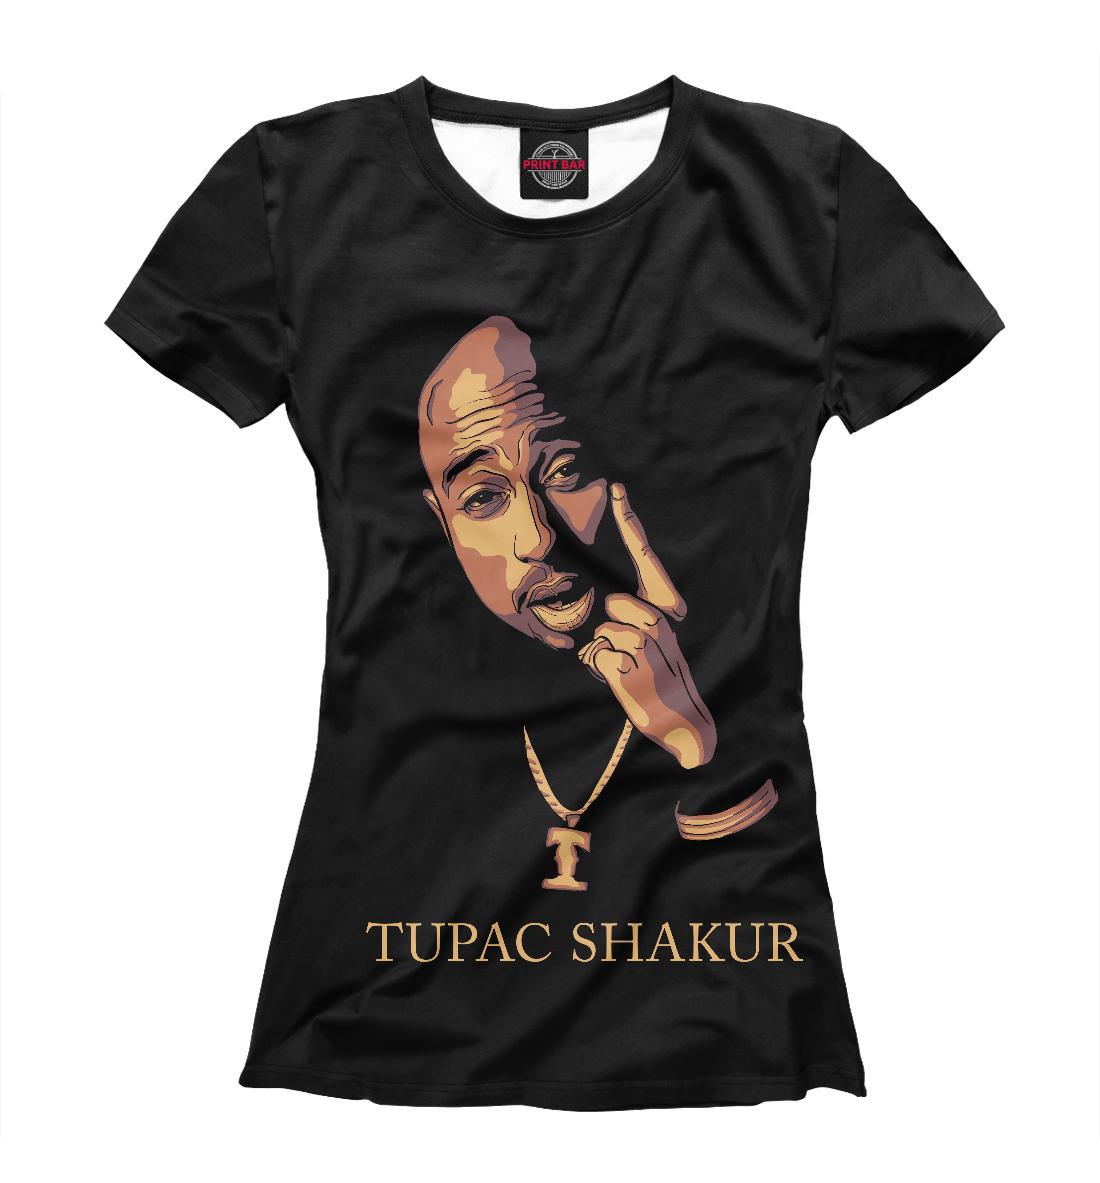 Купить TUPAC SHAKUR, Printbar, Футболки, 2PA-898275-fut-1